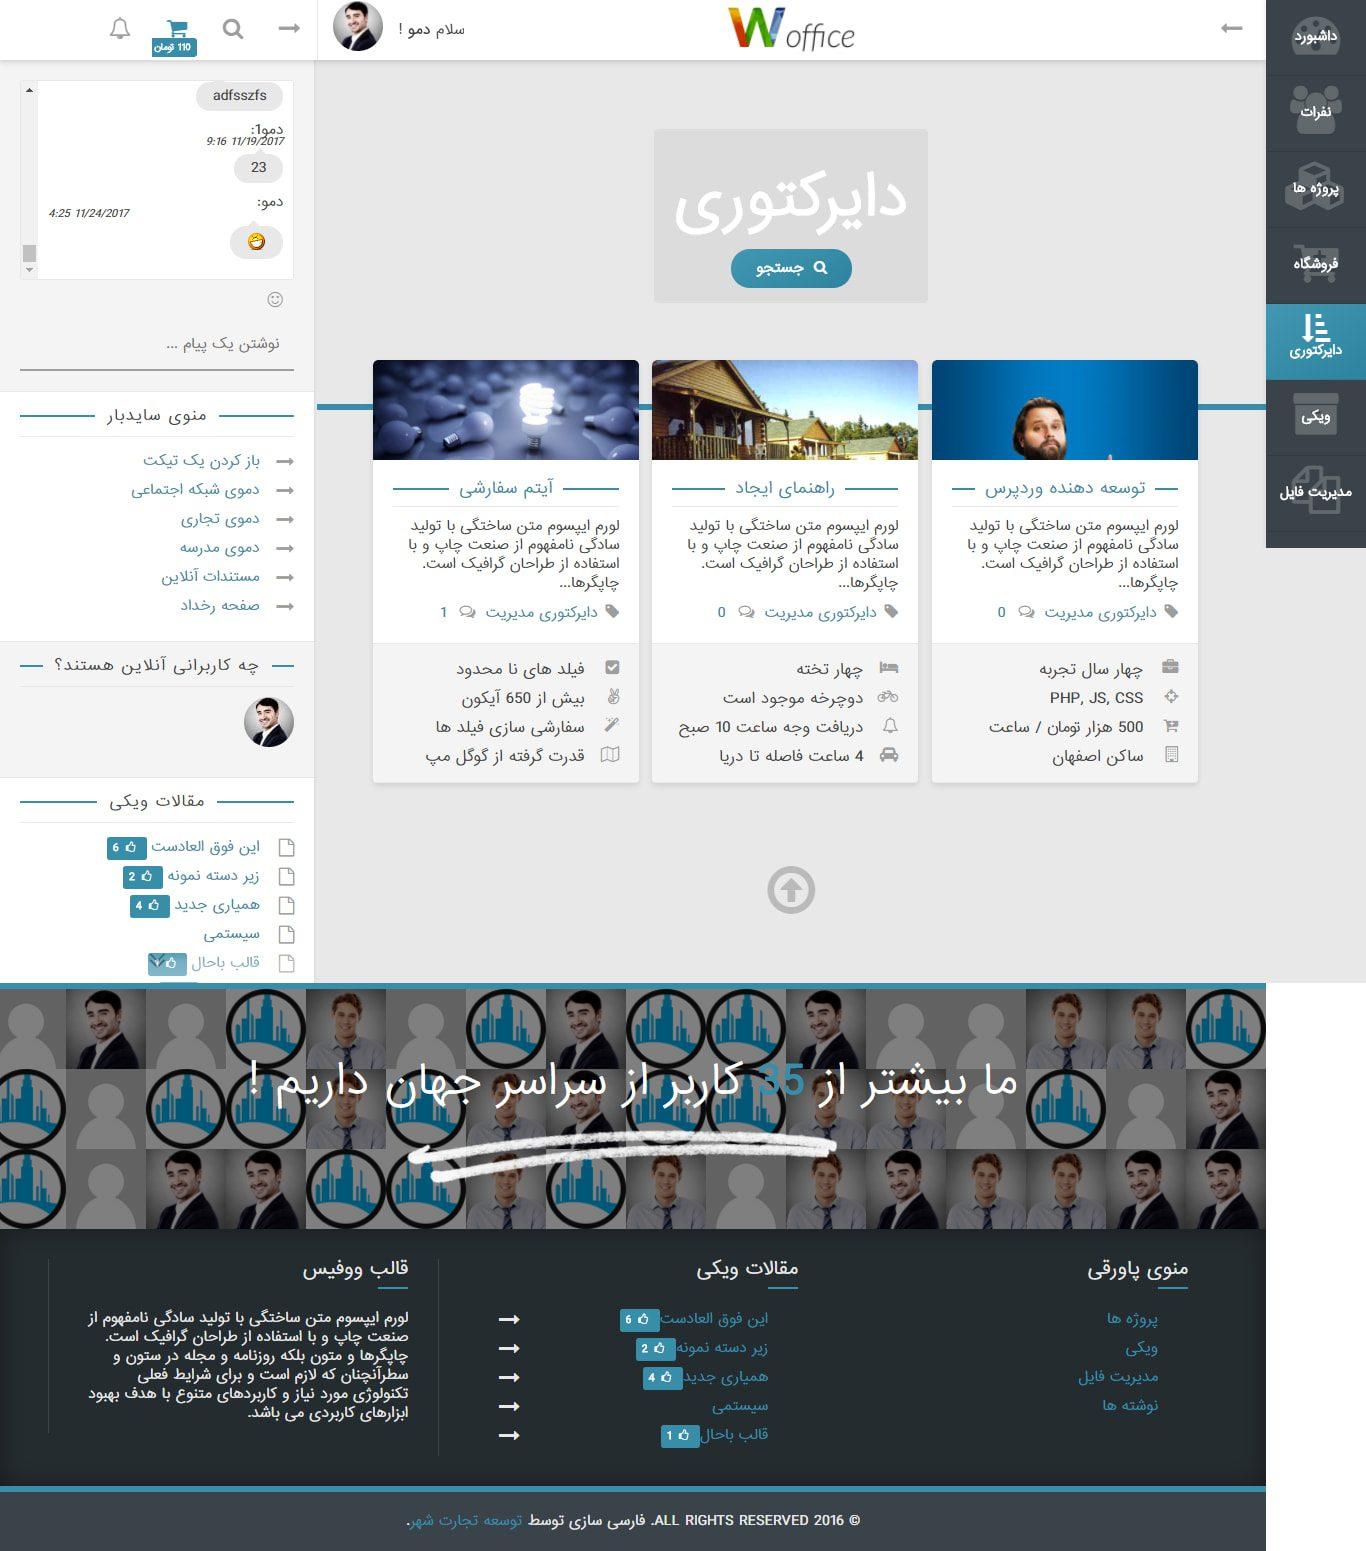 قالب Woffice | ❤️ قالب اینترانت اکسترانت Woffice | پوسته شرکتی ووفیس